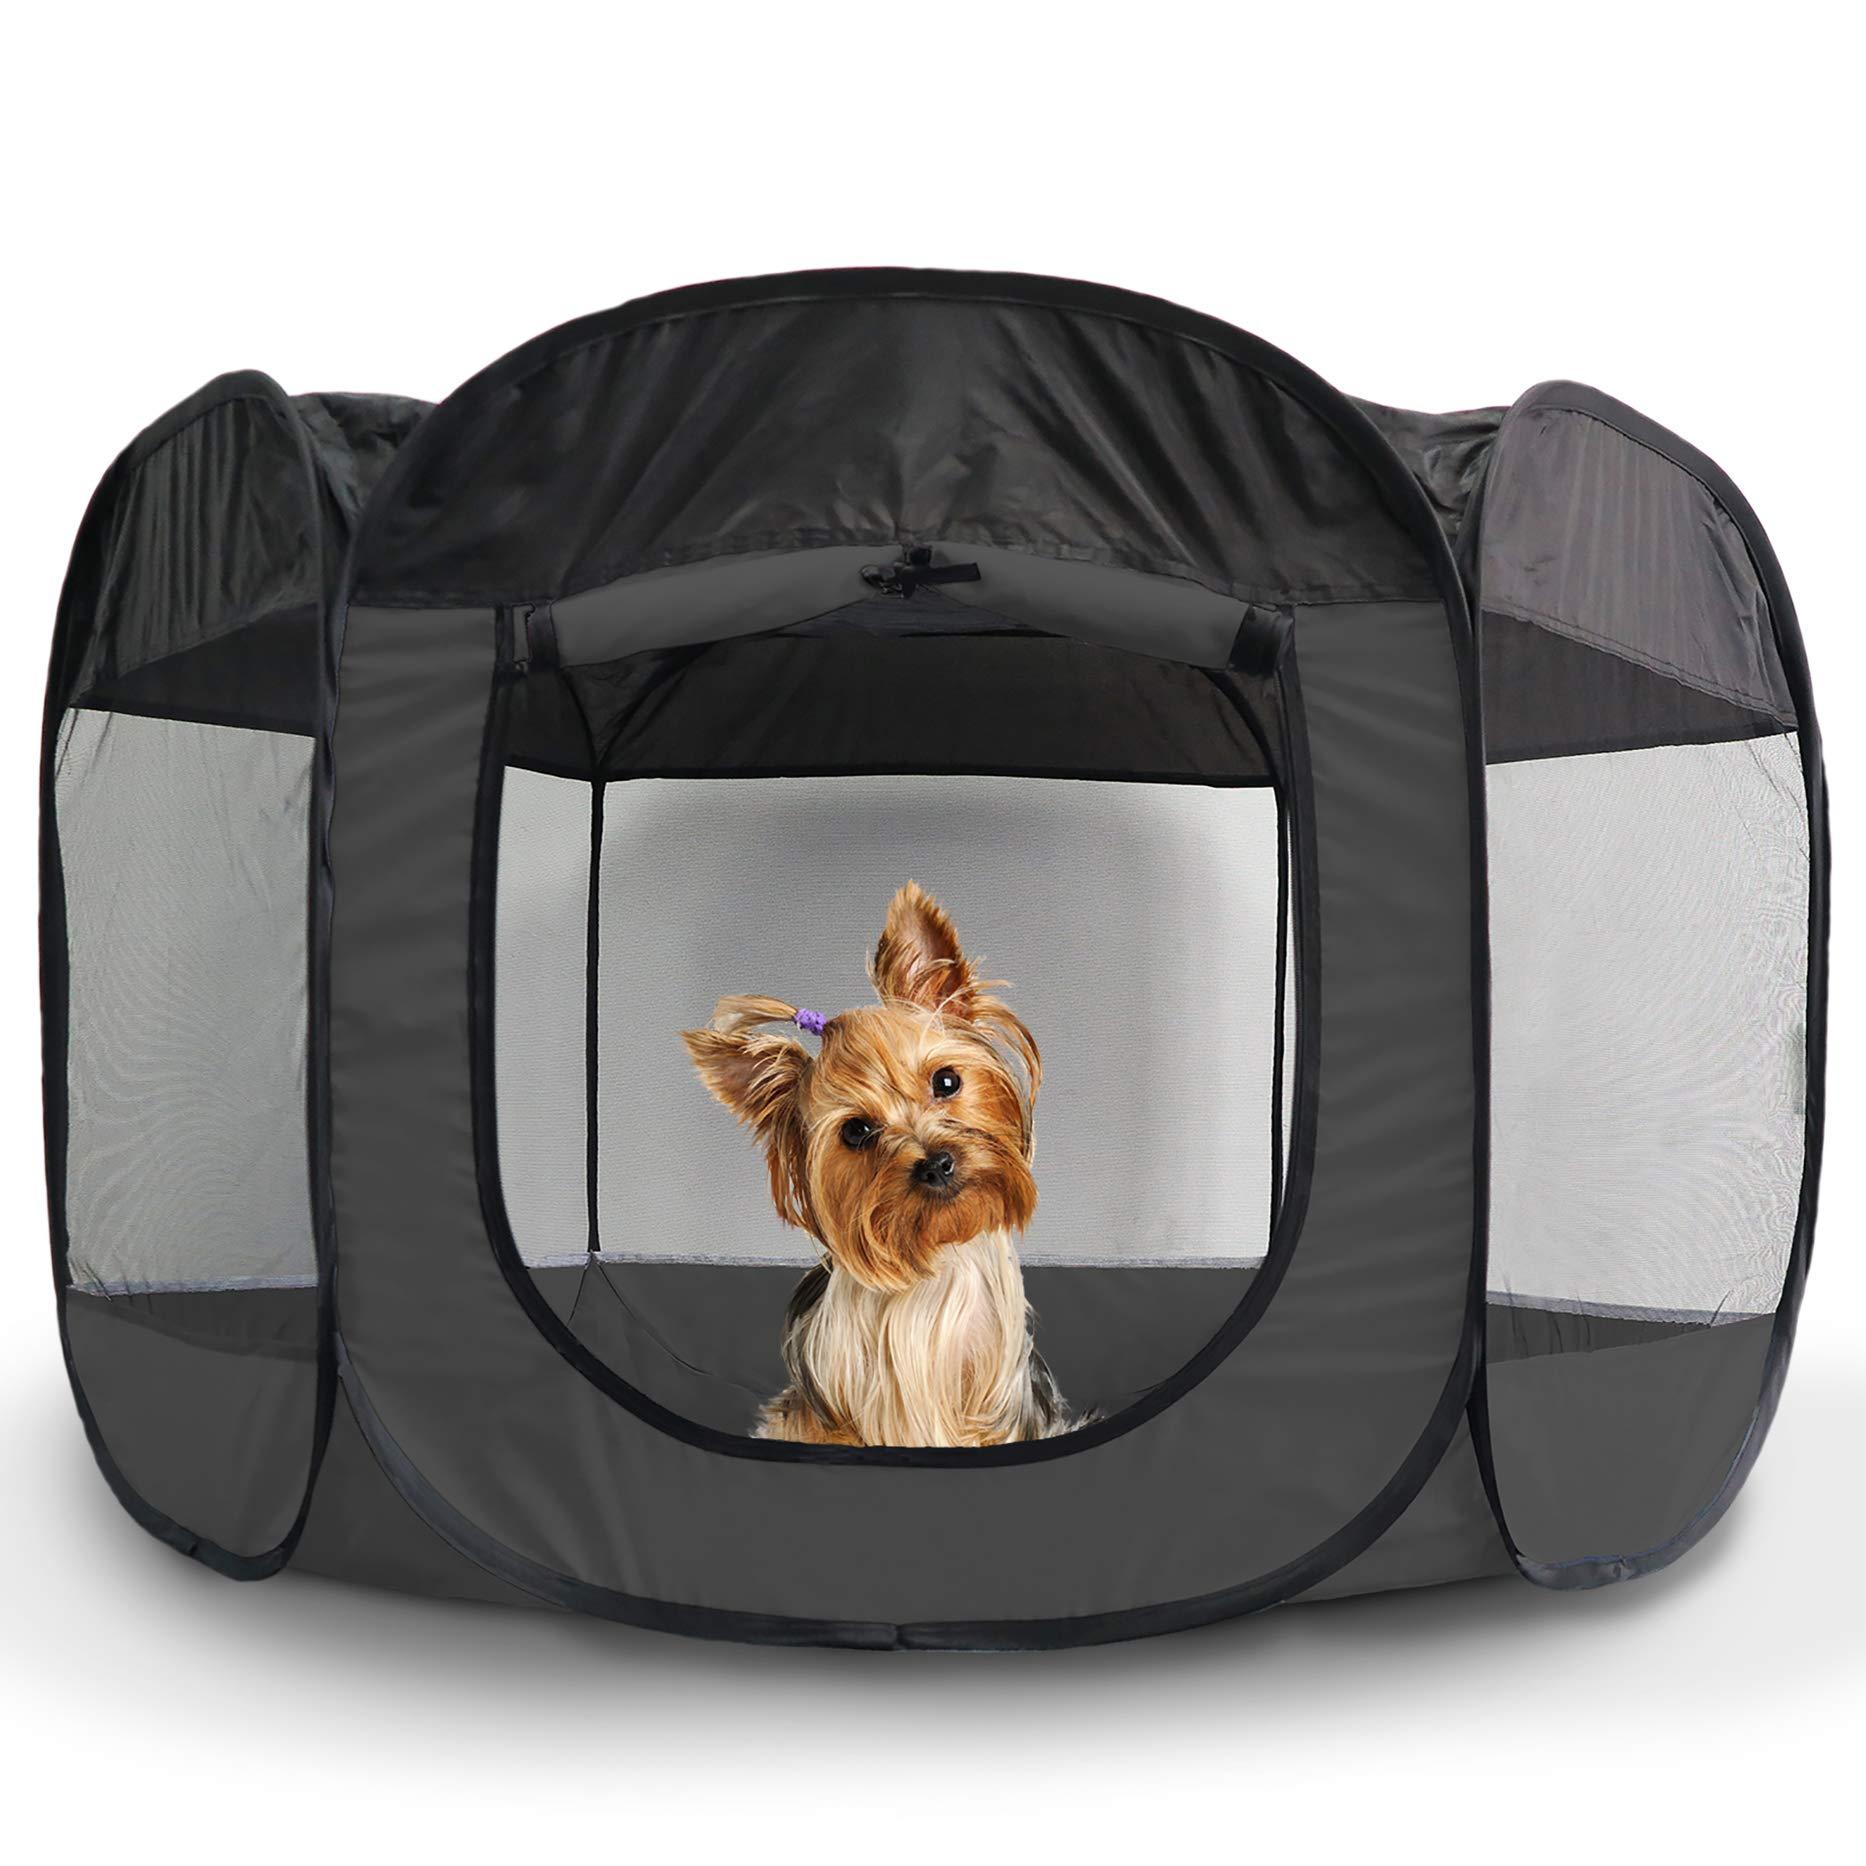 Furhaven Pet Playpen | Mesh Open-Air Indoor & Outdoor Playpen/Exercise Pen for Dogs & Cats, Gray, Small